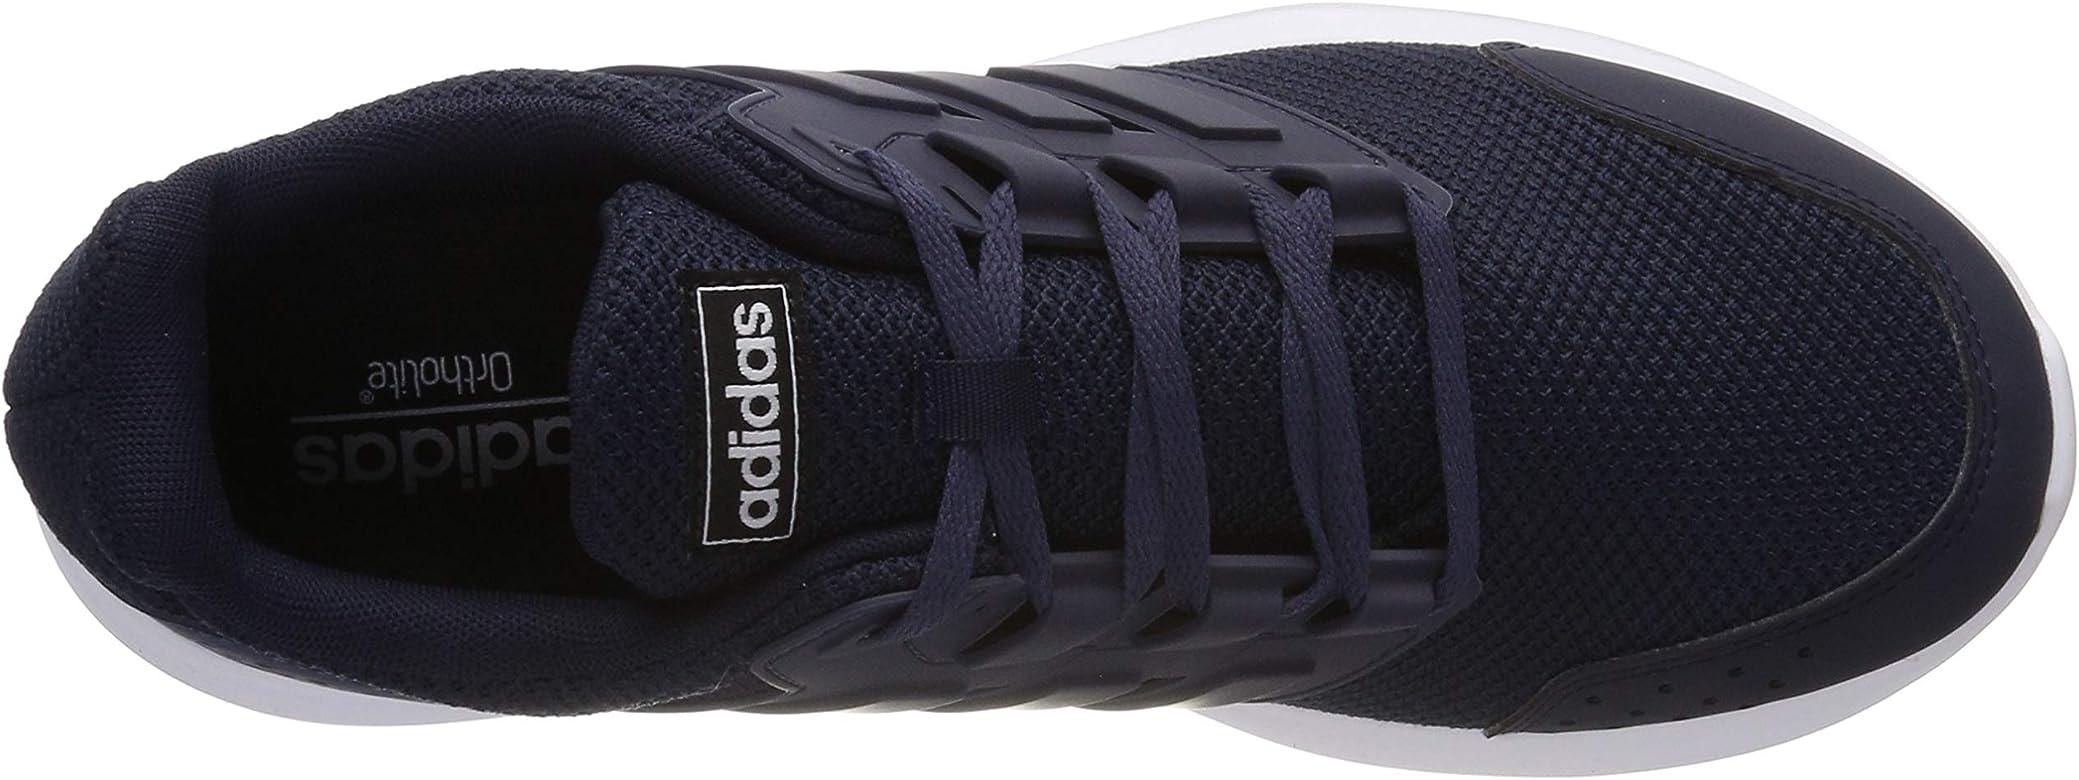 Adidas Galaxy 4, Zapatillas de Deporte para Hombre, Multicolor (Tinley/Azutra/Ftwbla 000), 39 1/3 EU: Amazon.es: Zapatos y complementos